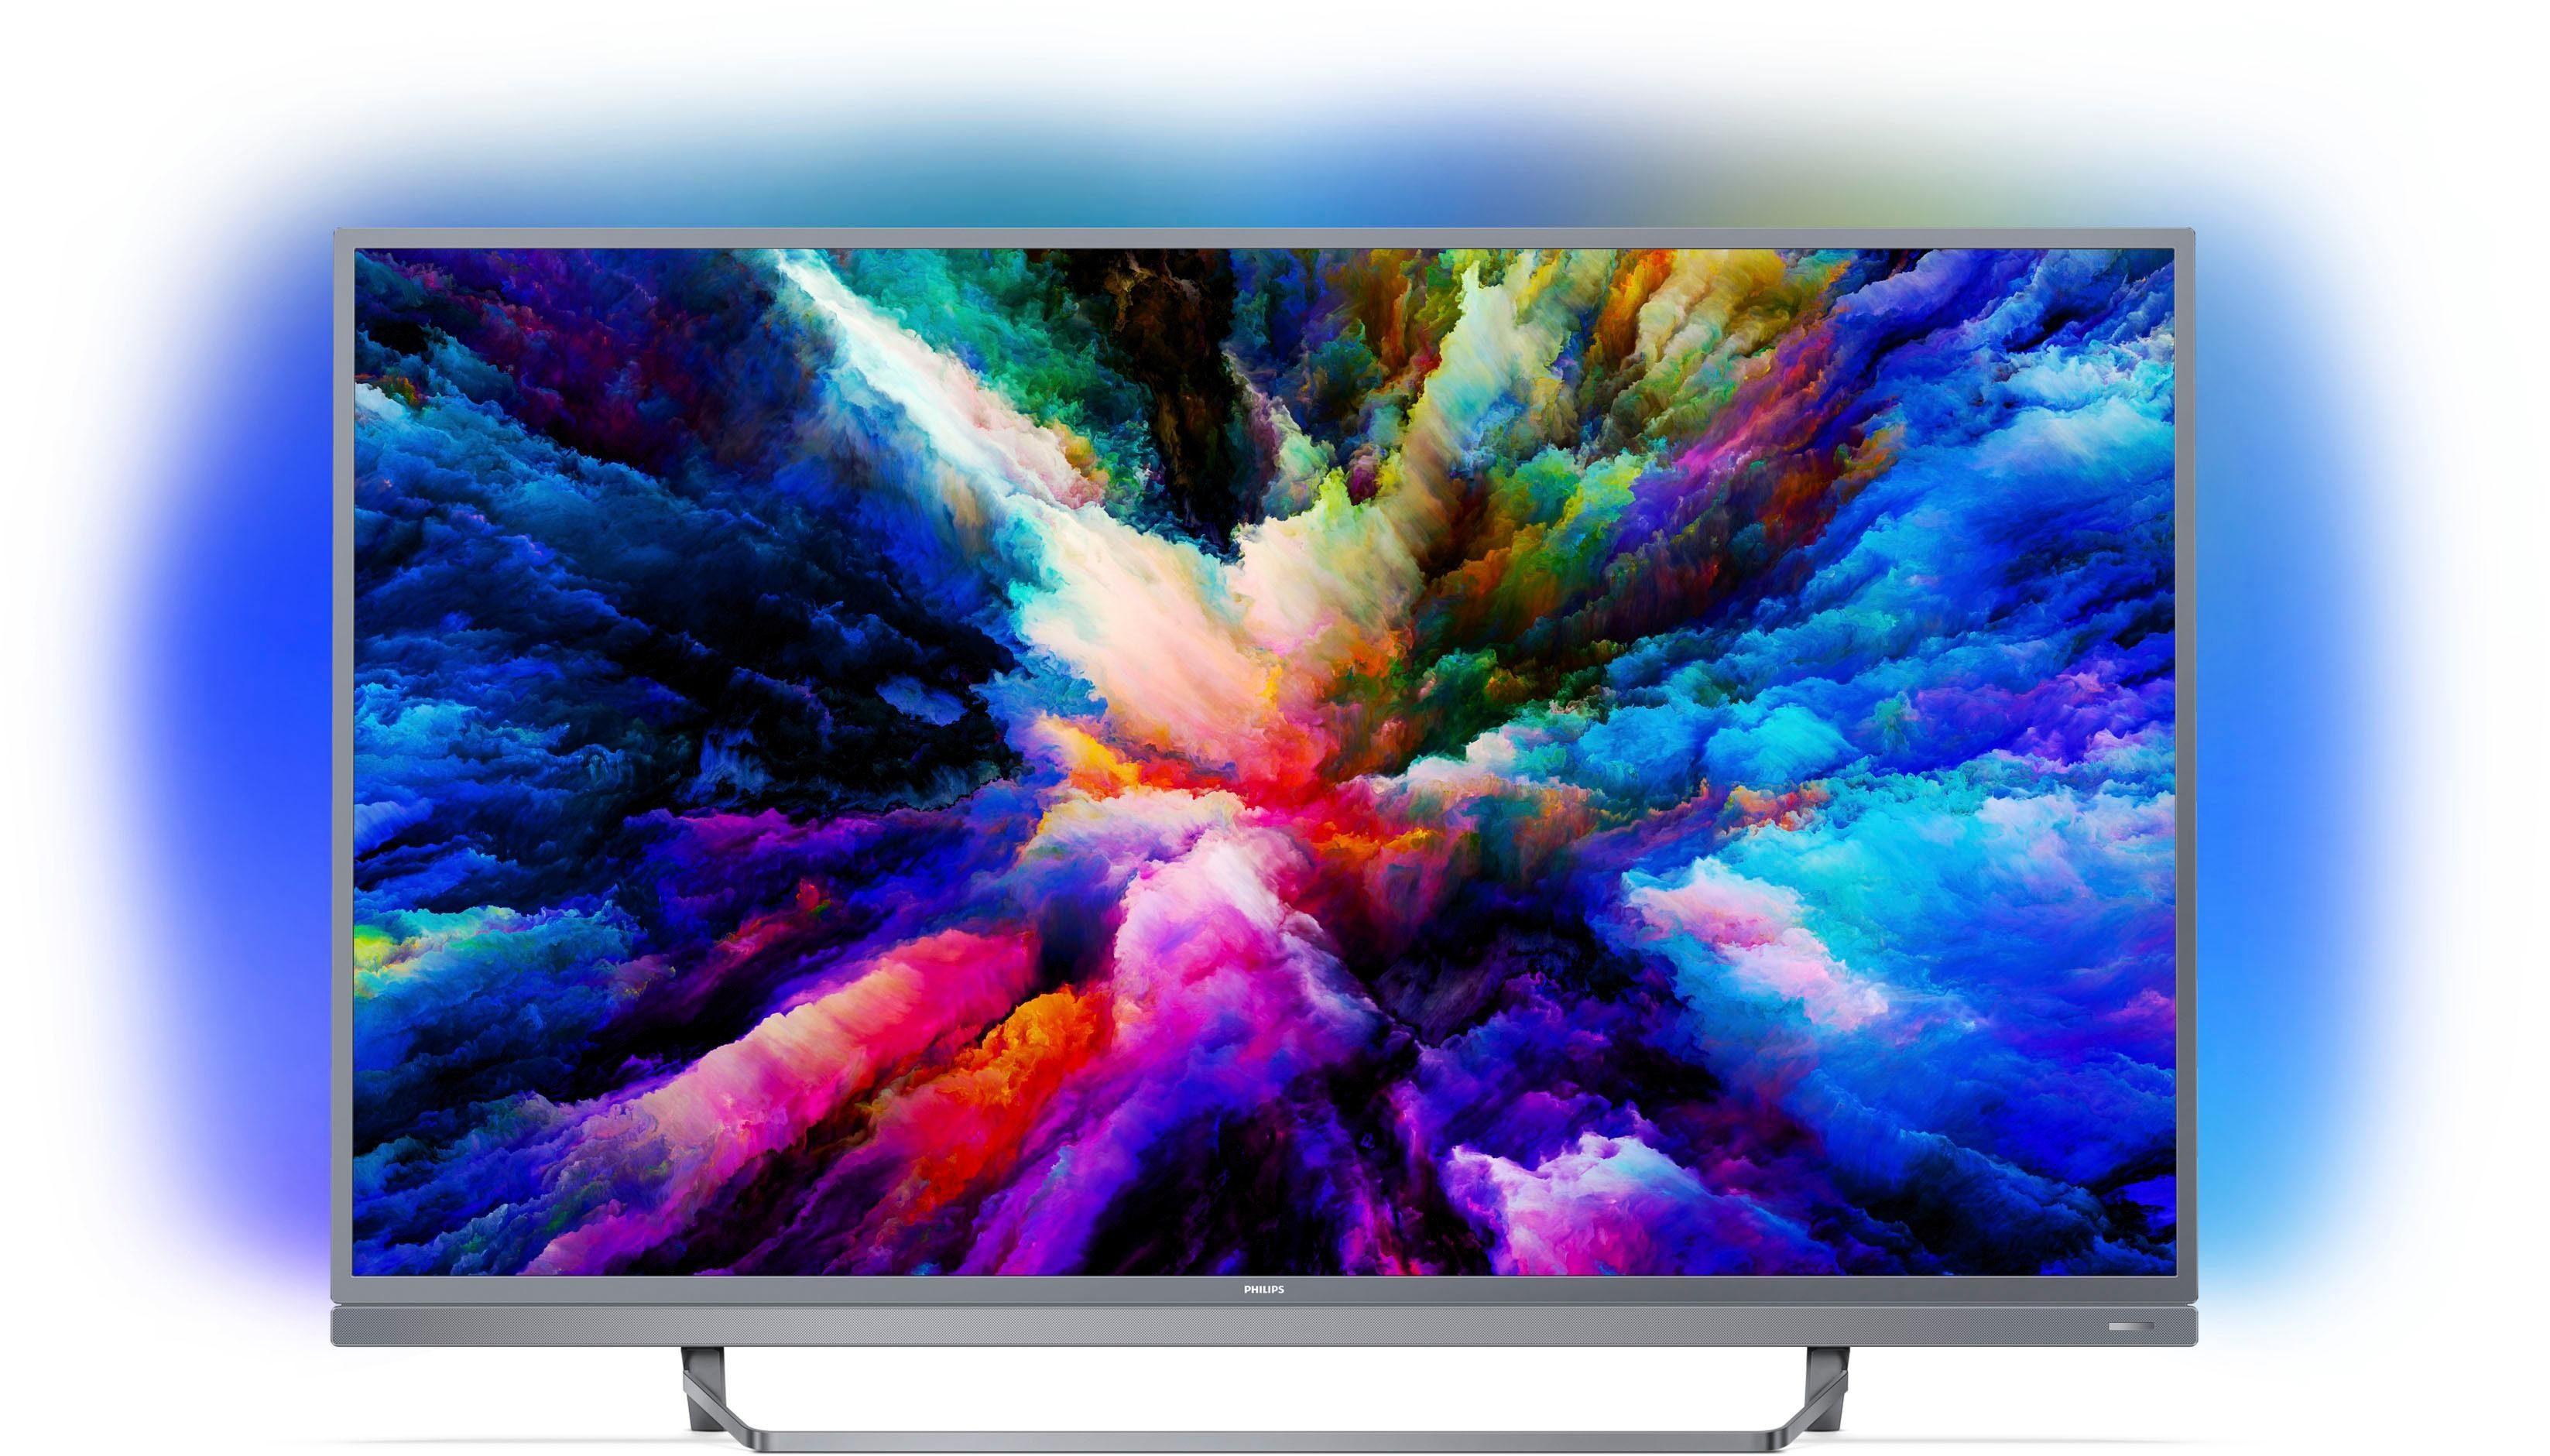 Philips Fernseher Bezeichnung : Philips pus led fernseher cm zoll k ultra hd